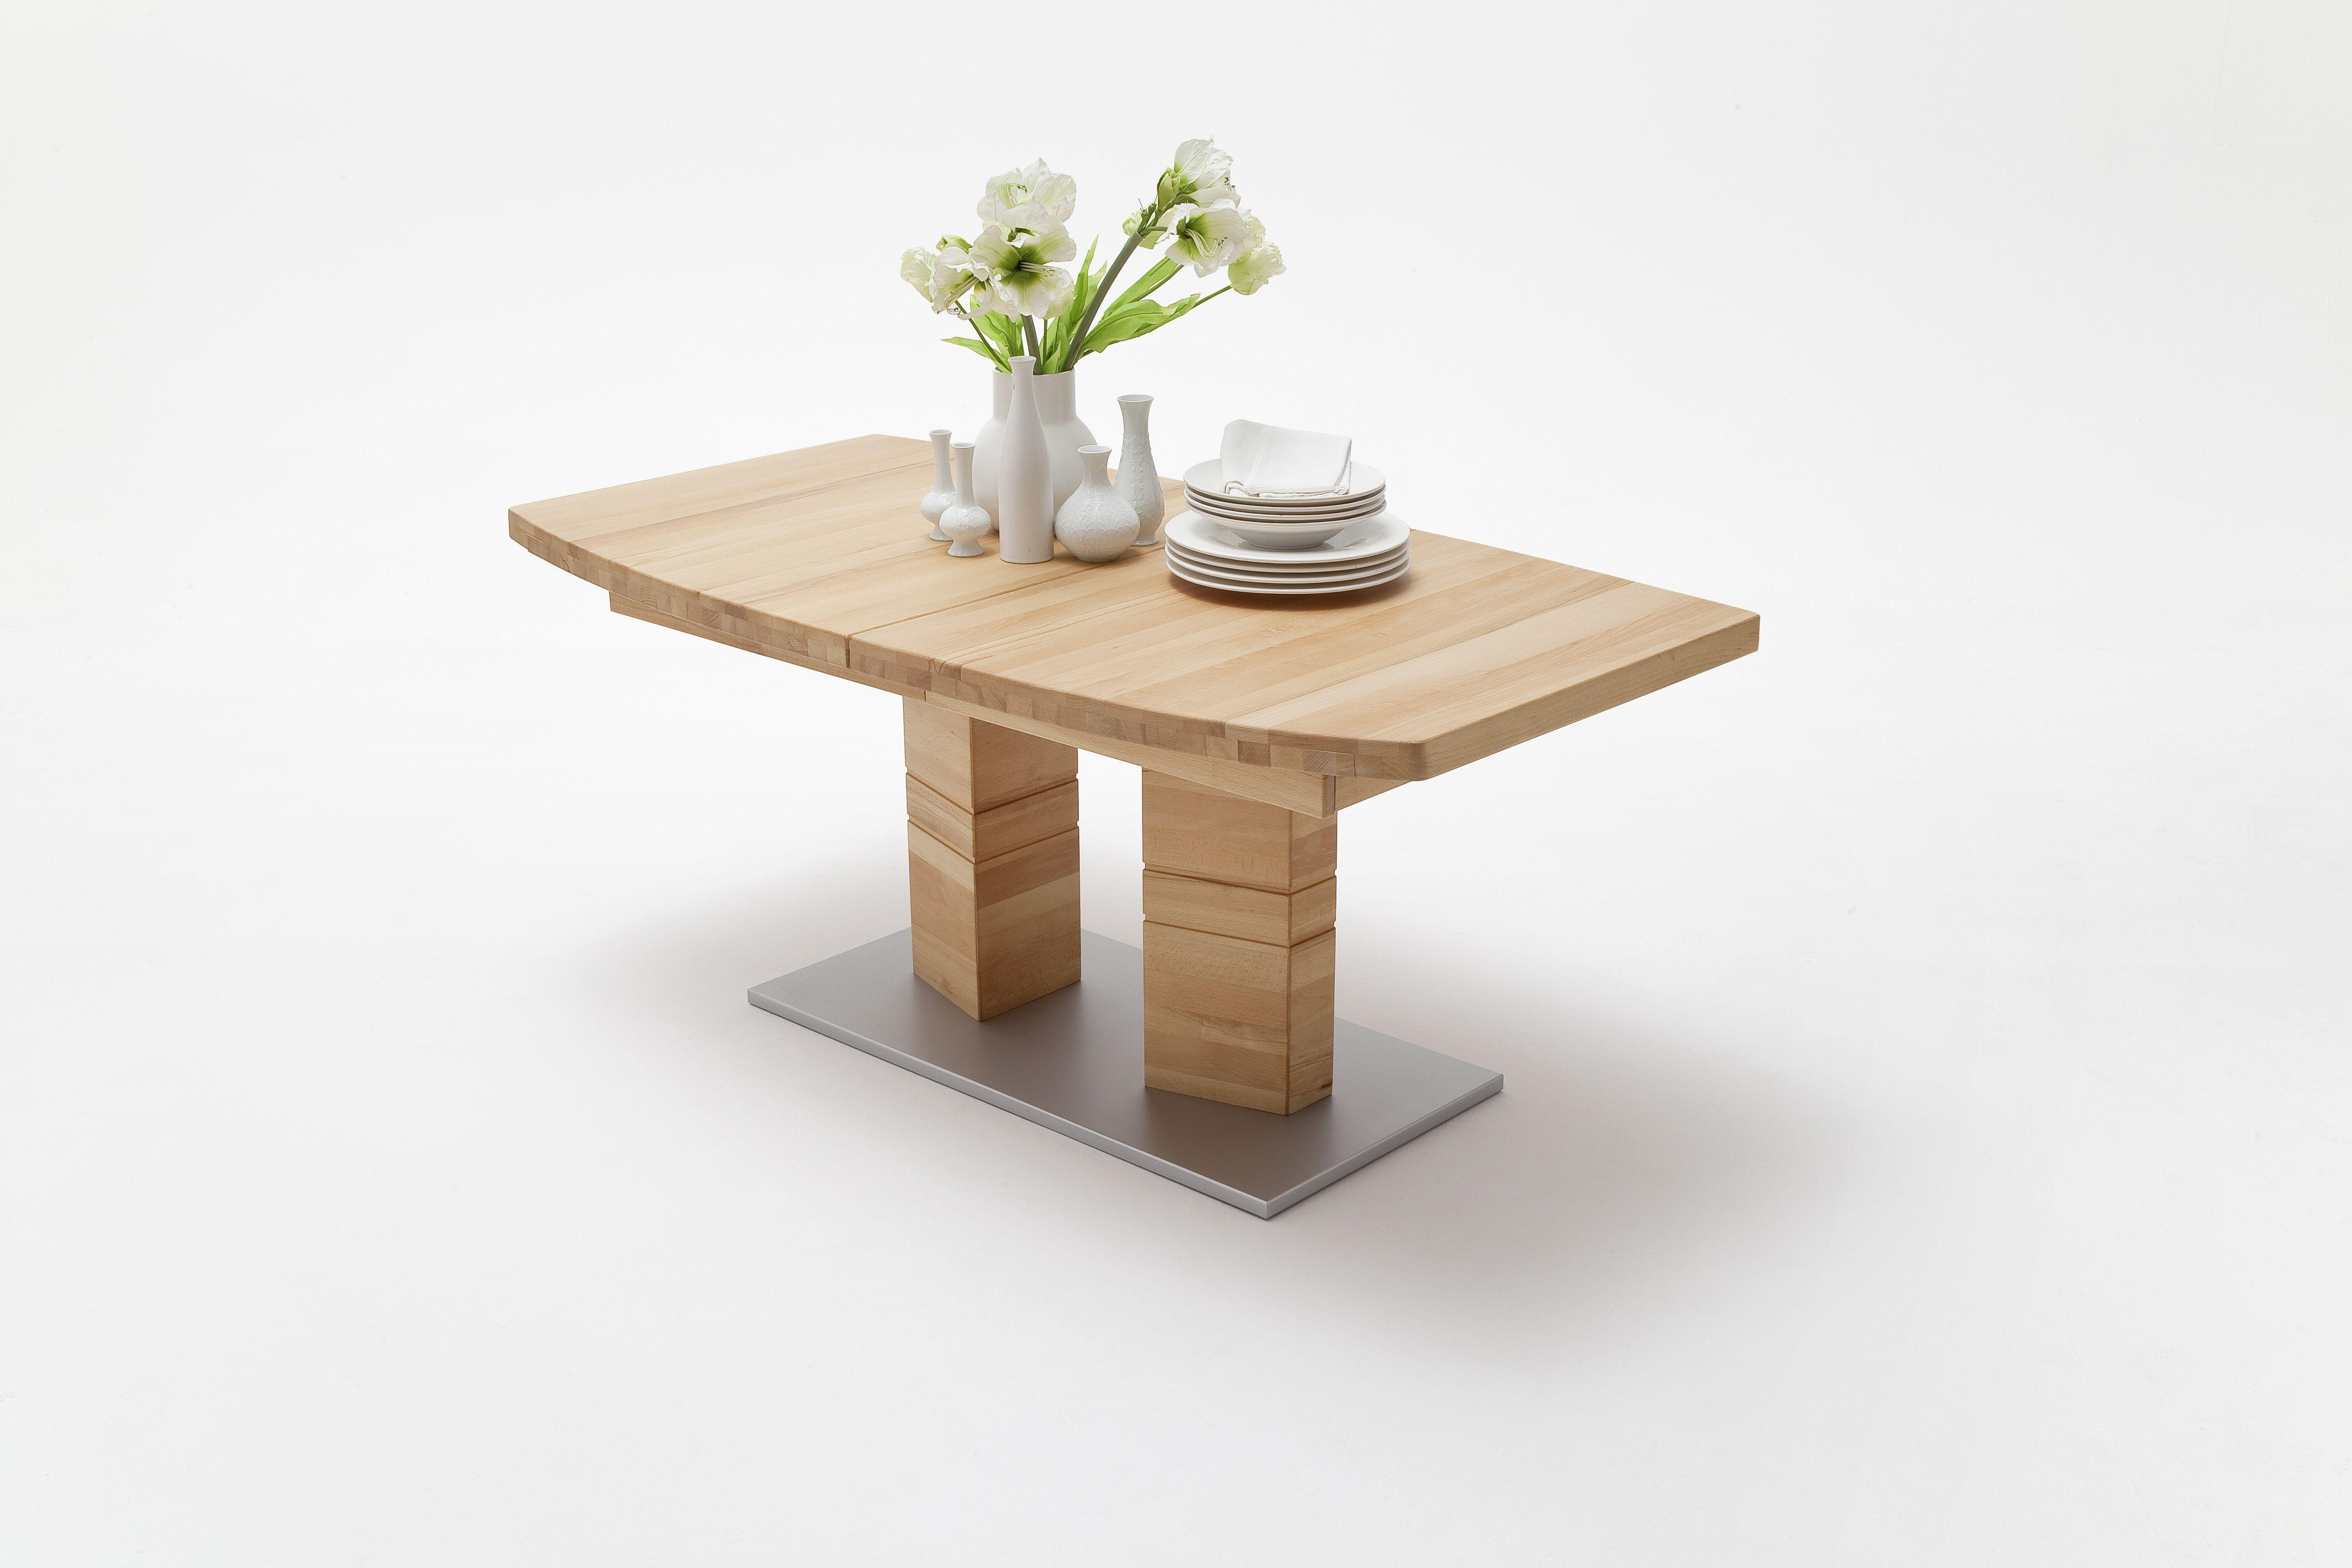 Fantastisch Küchentische Unter 100 Dollar Ideen - Küche Set Ideen ...